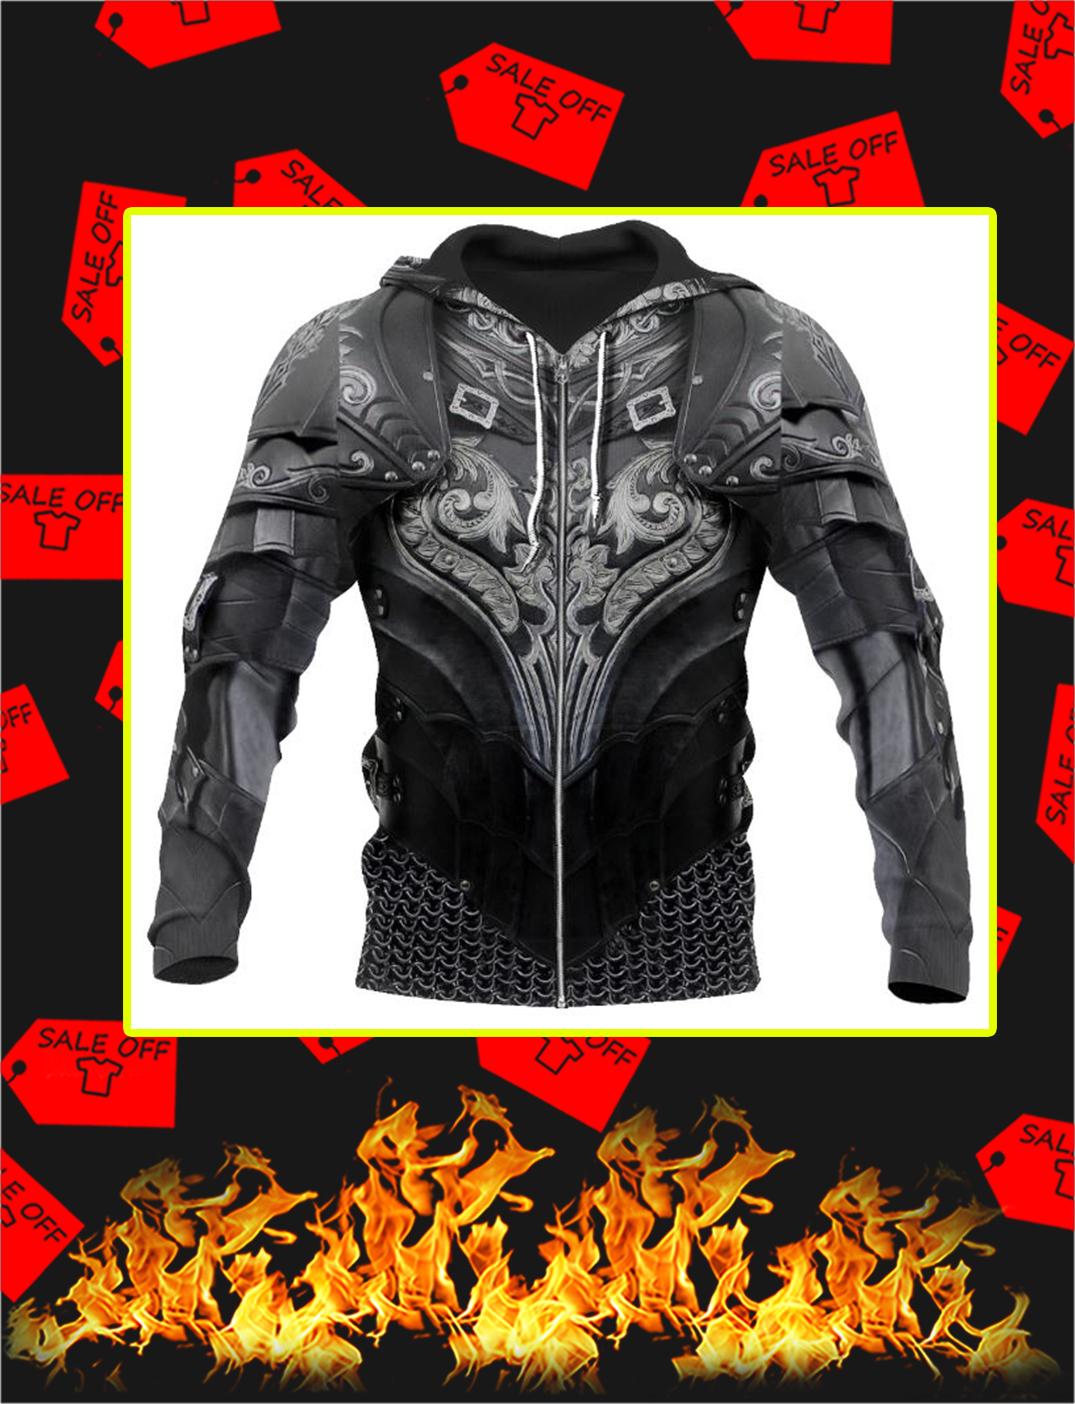 Chainmail Knight Armor 3D Printed Zip Hoodie